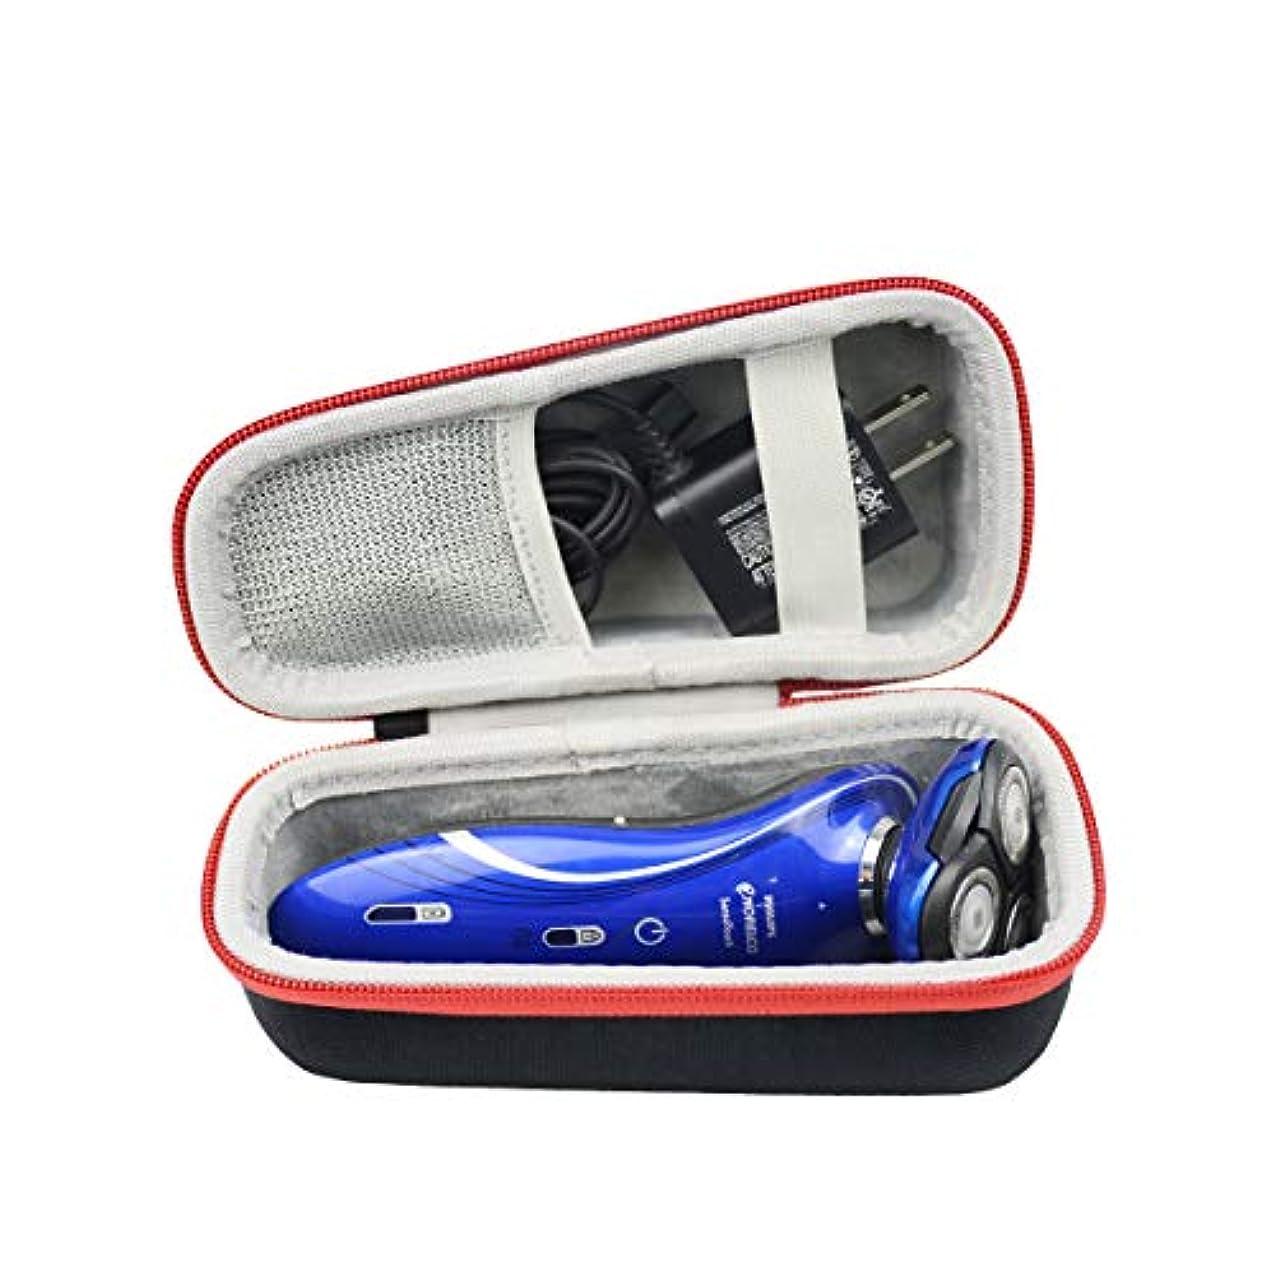 スリットクランシー頭専用旅行収納 フィリップス メンズシェーバー 5000シリーズ S5390/26 S5390/12 S5397/12 S5076/06 S5212/12 S5272/12 S5251/12 S5075/06 S5050/...